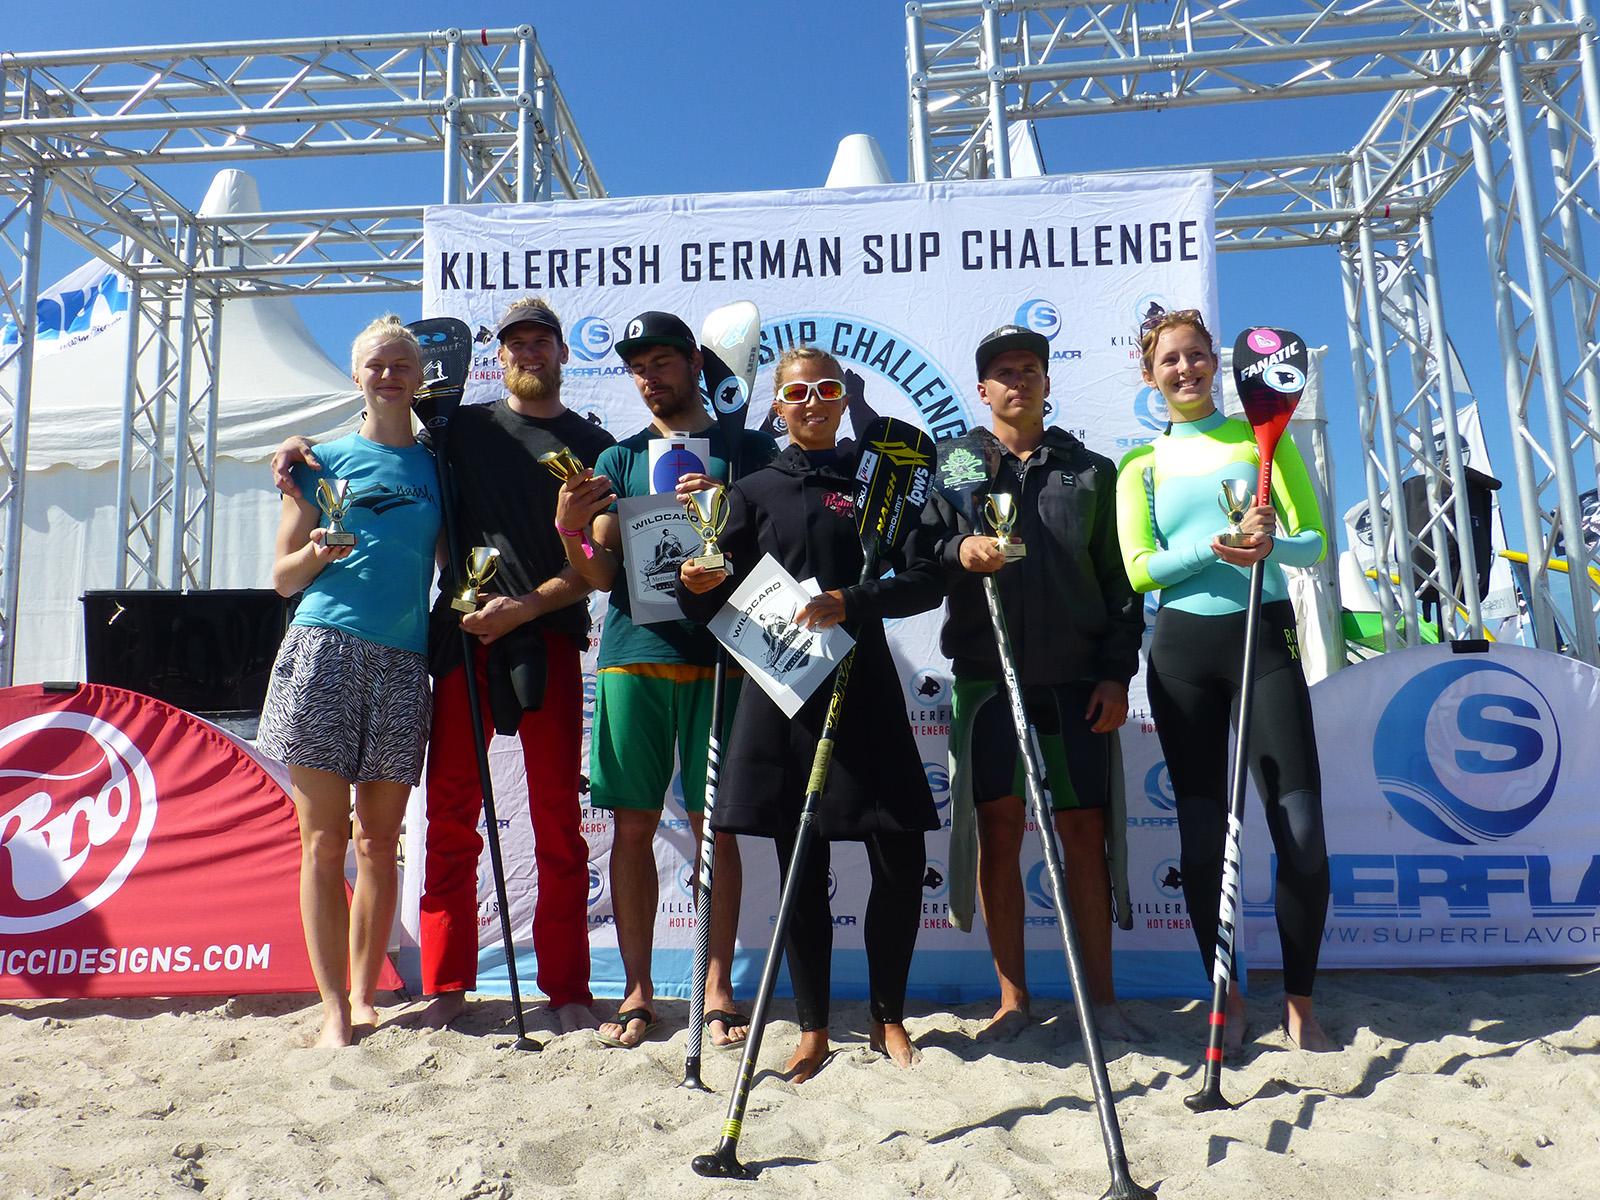 german sup challenge fehmarn surffestival 016 08 - Ultimate Beachrace Action @German SUP Challenge Fehmarn 016